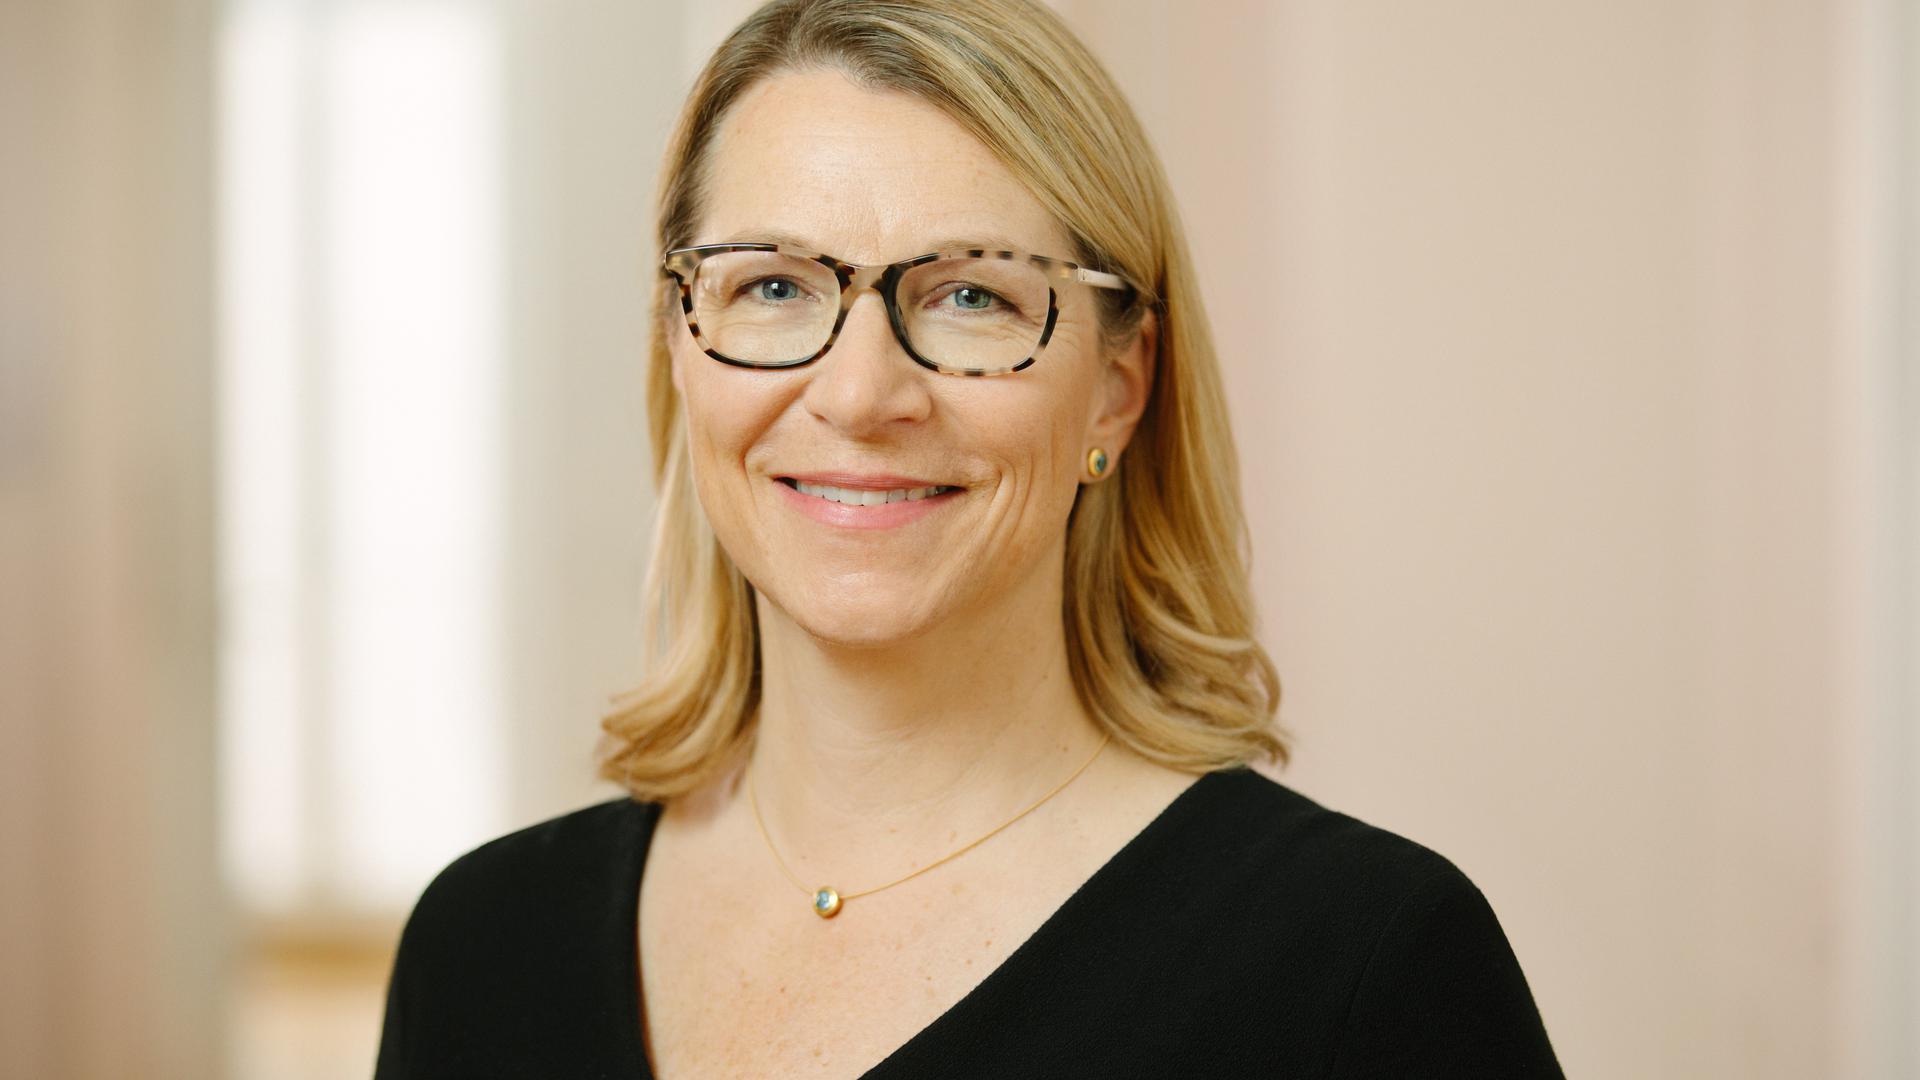 Christine Bortenlänger vom Deutschen Aktieninstitut